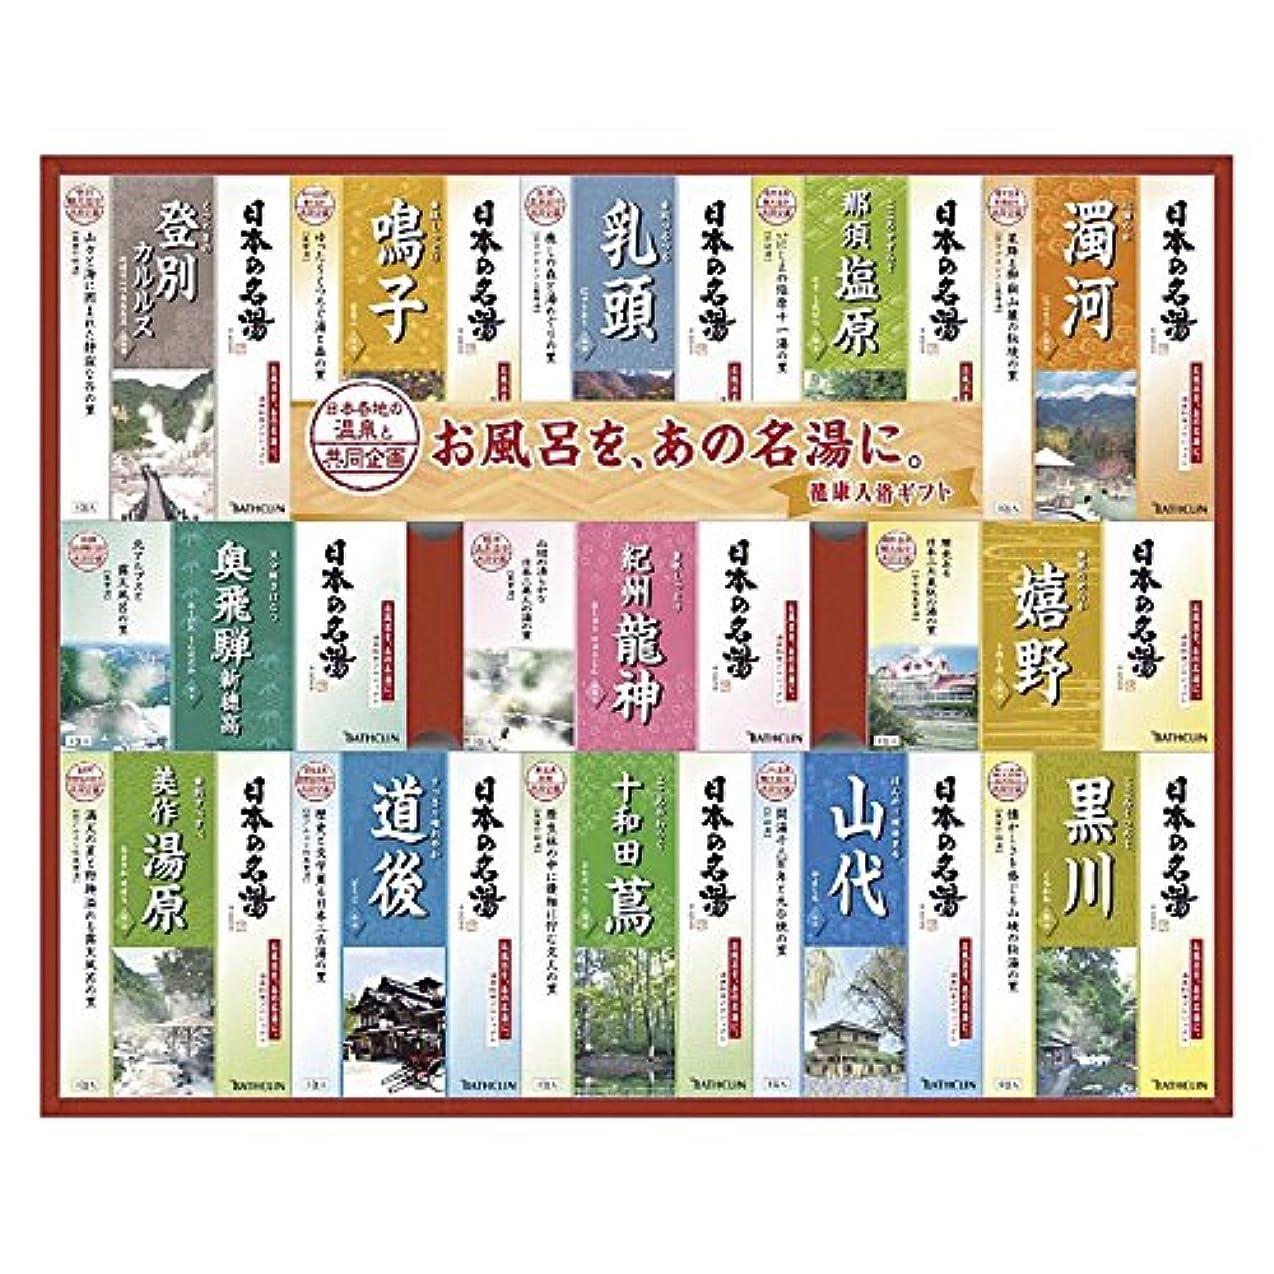 熱心なつらい平らなバスクリン 日本の名湯 ギフトセット 【保湿 ギフト 温泉 発汗 セット あったまる いろいろ うるおい うるおう しっとり すべすべ はっかん 極楽 ごくらく ゆったり ばすくりん 5000】